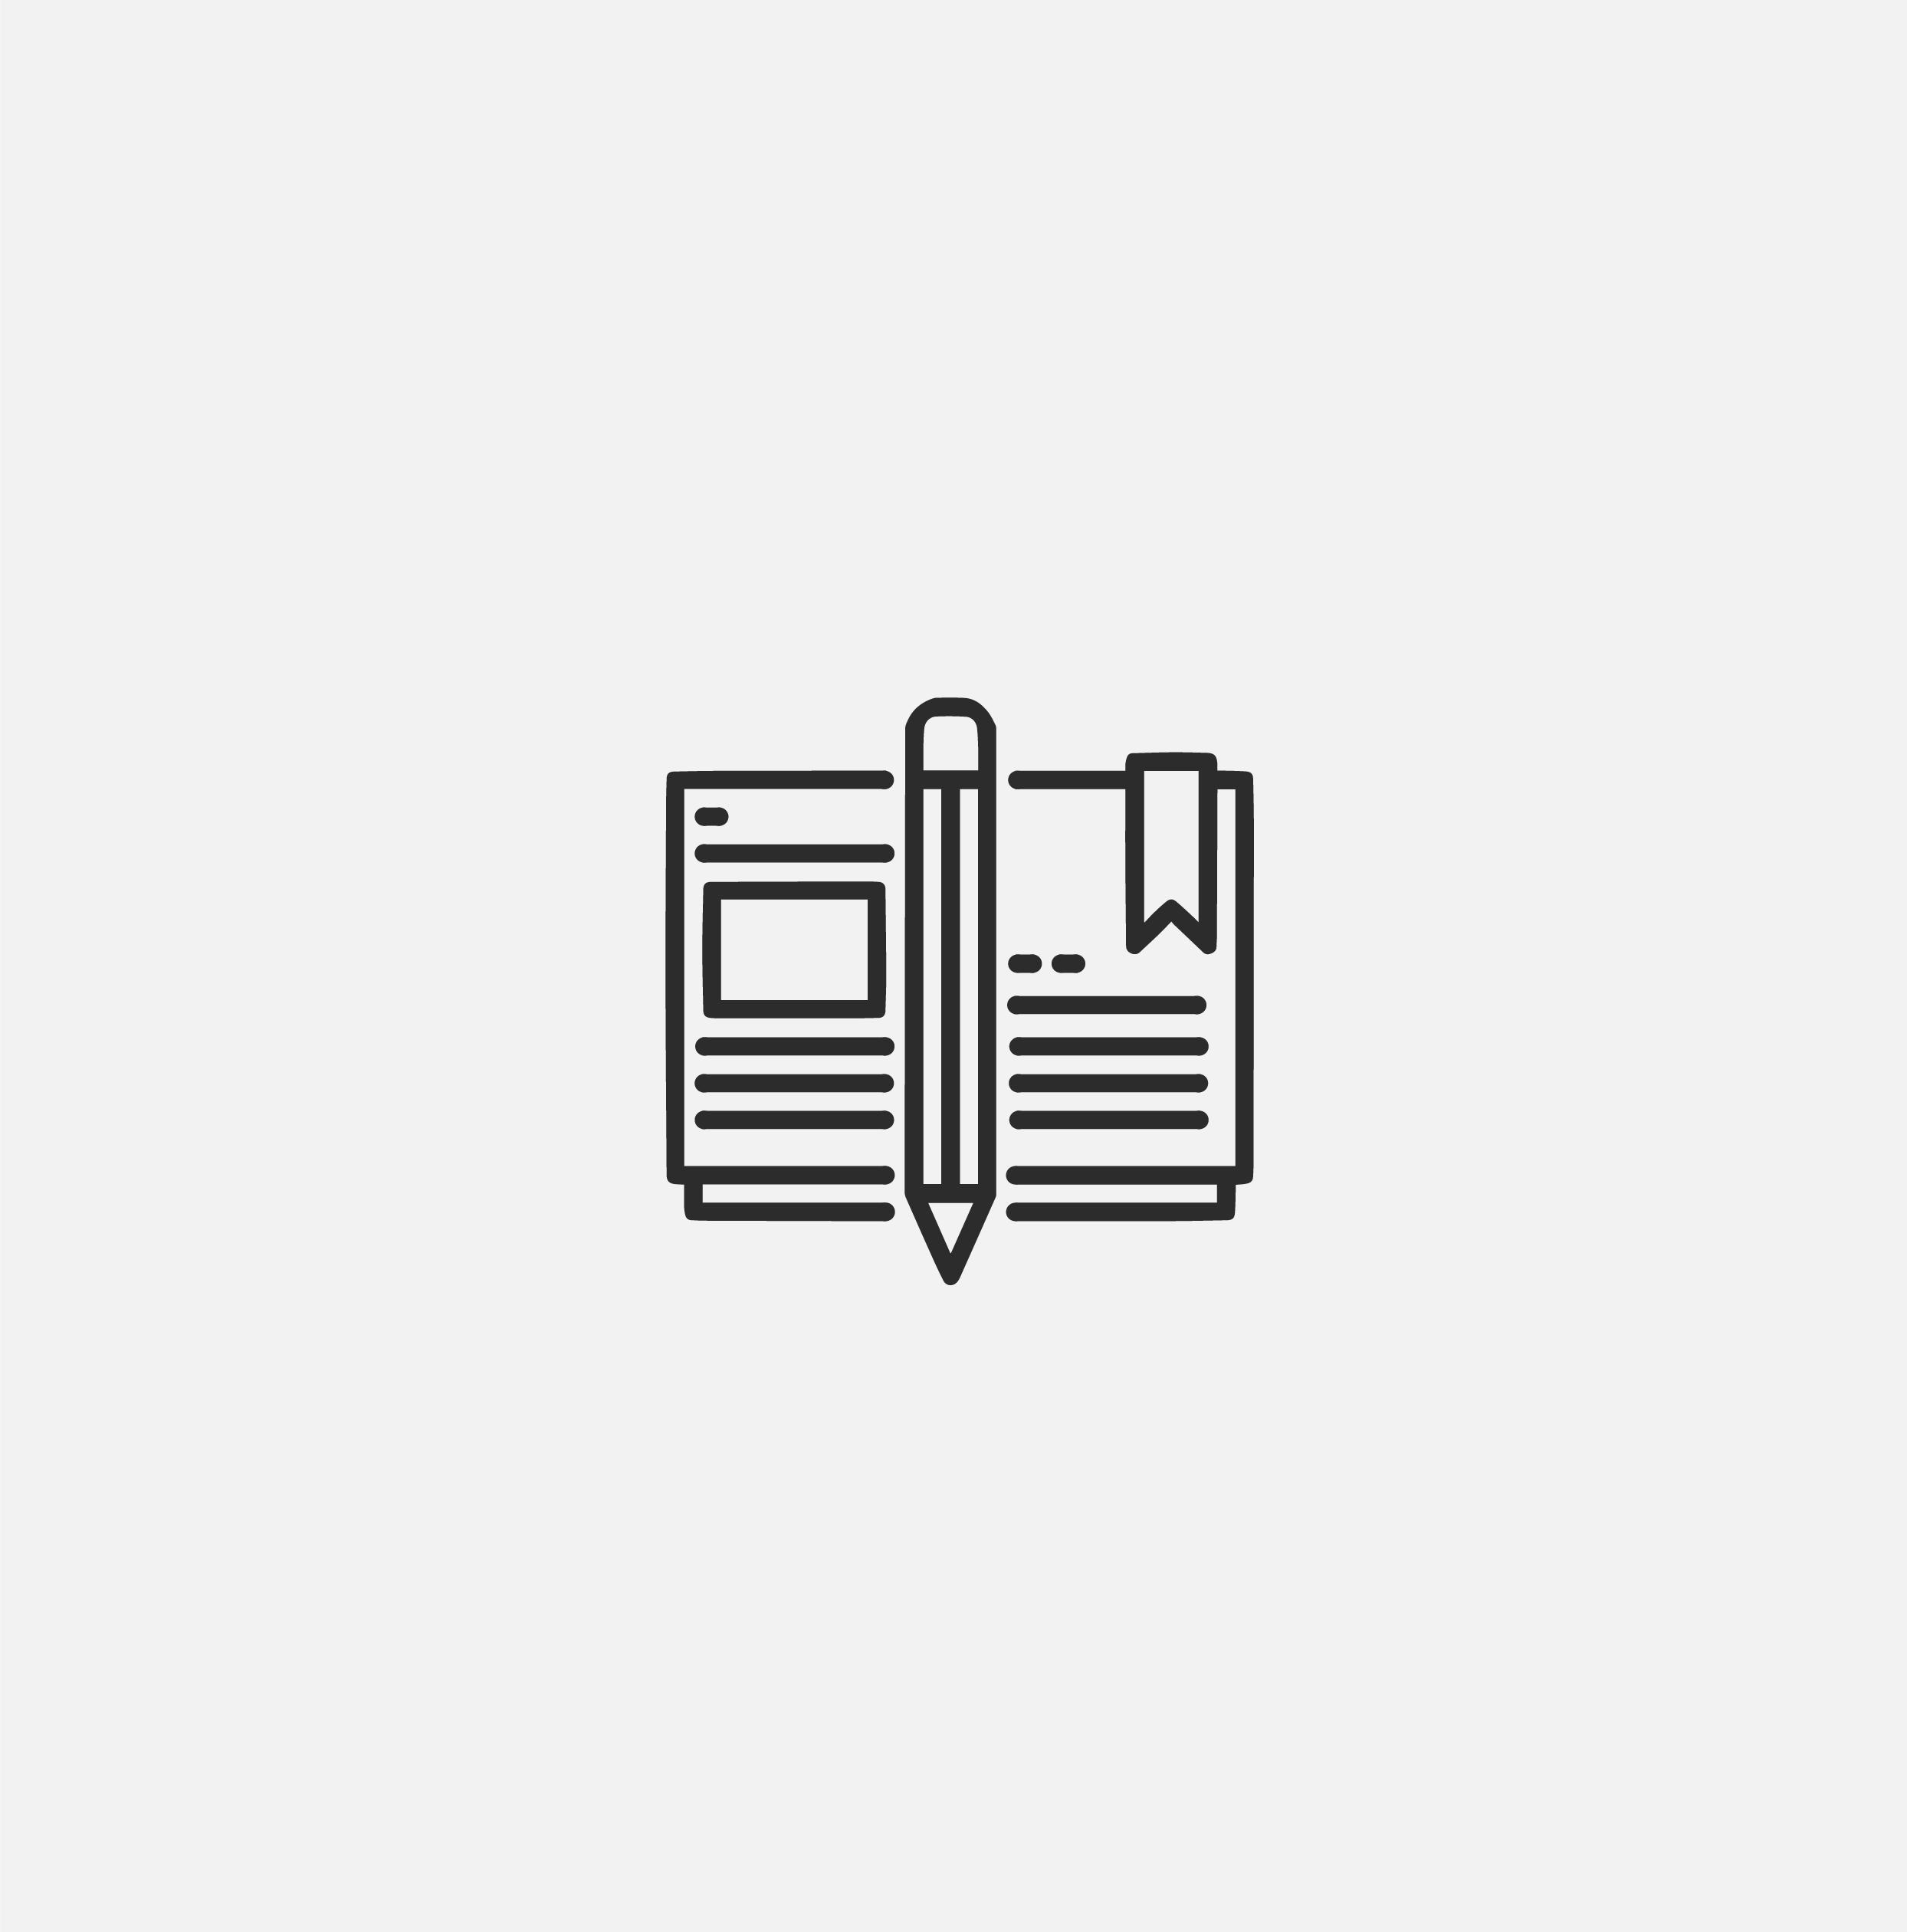 , Brandbook Development